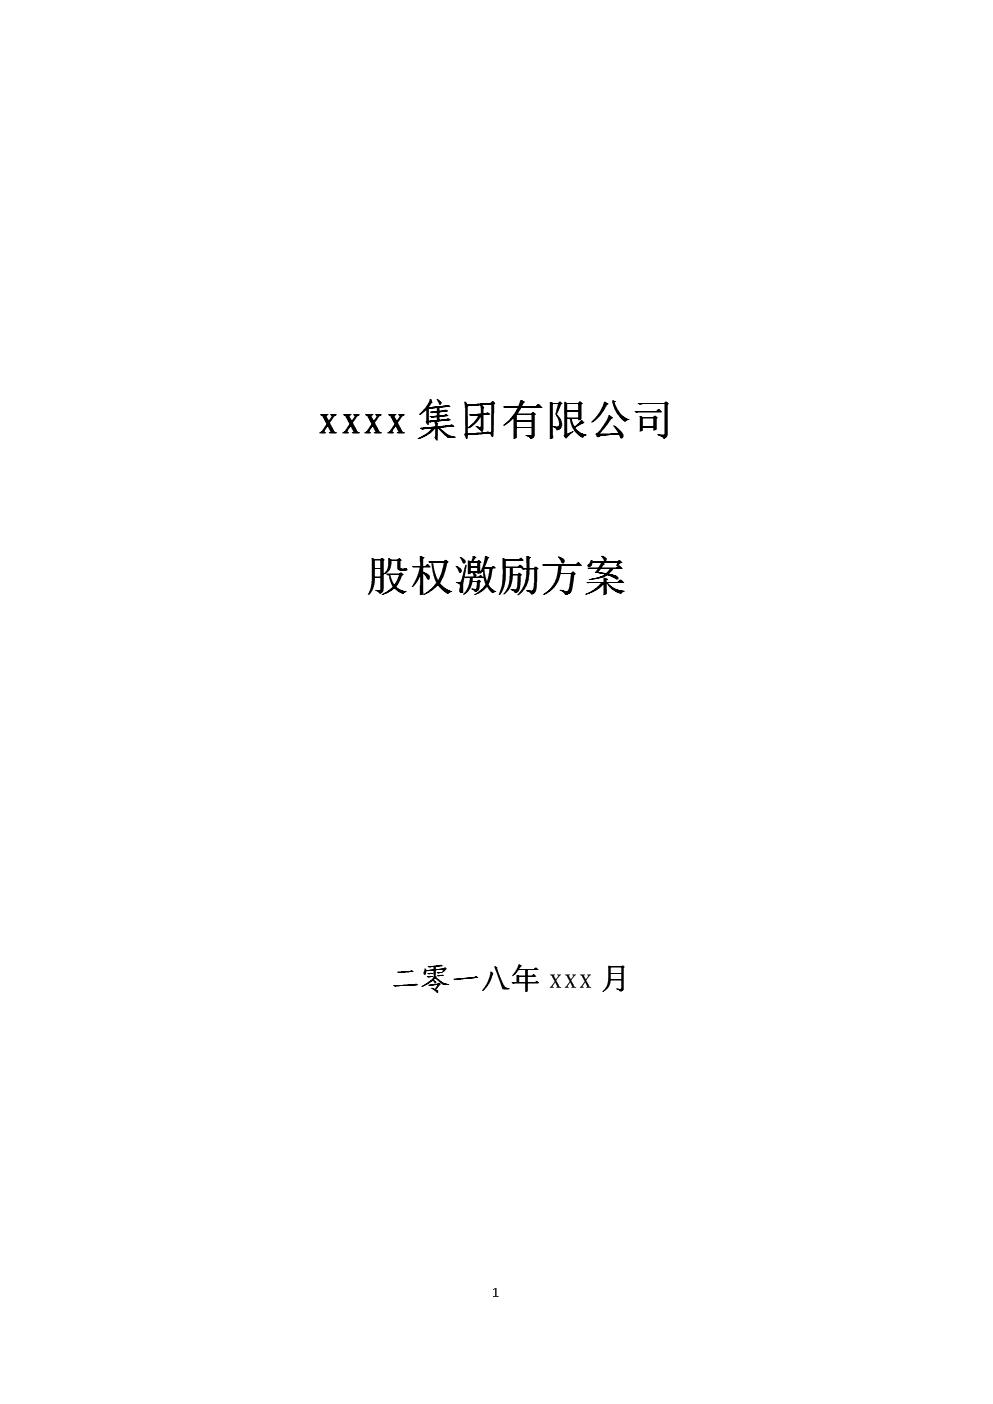 股权激励方案(某集团化公司)2018.docx